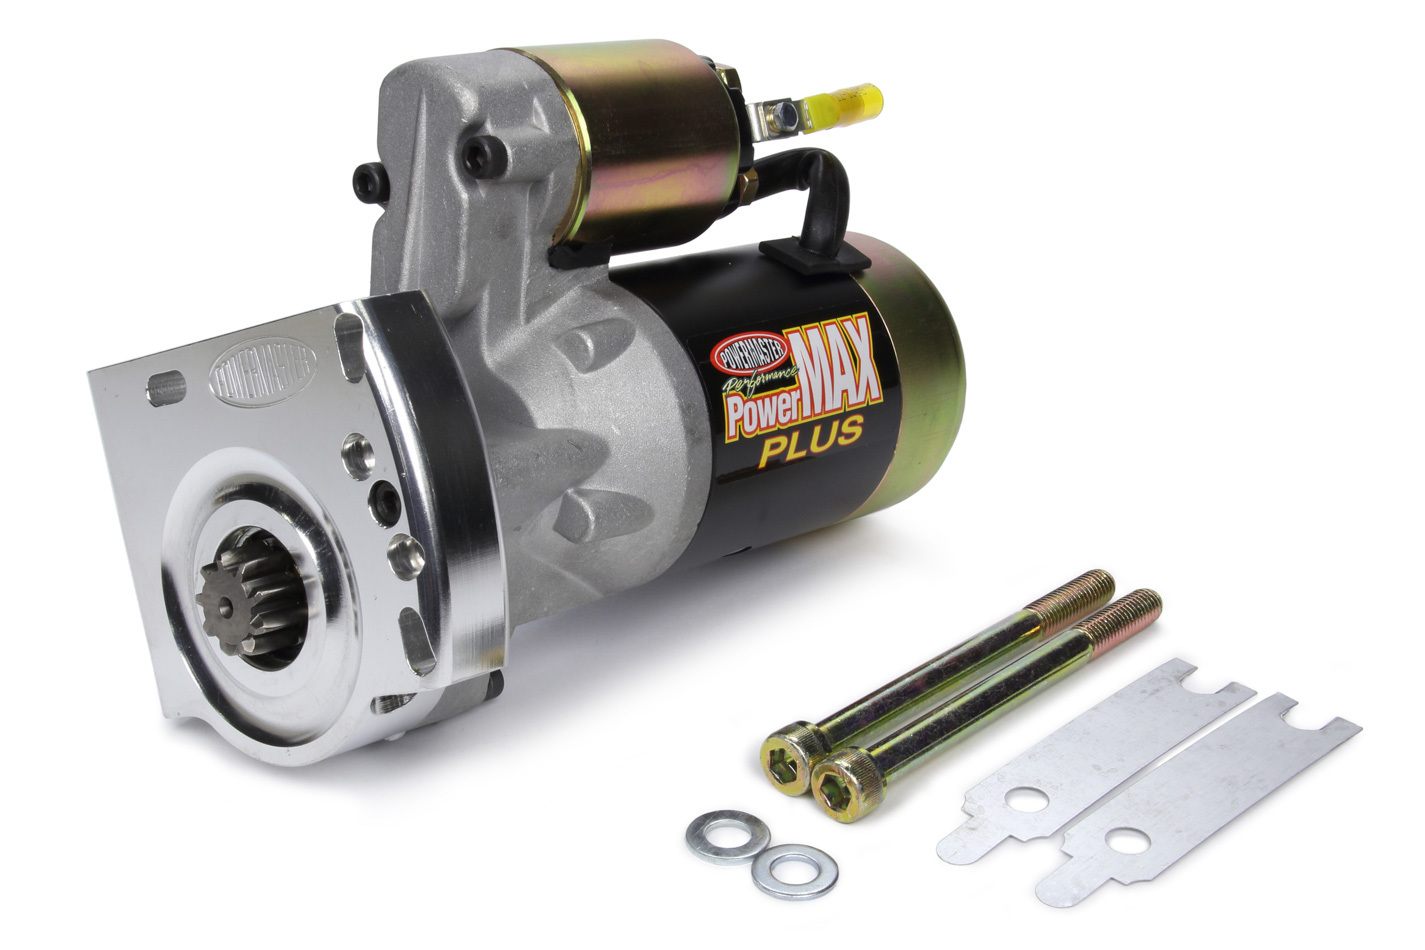 Powermaster 9004-9 Starter, PowerMAX Plus, 3.7:1 Gear Reduction, Black Paint, 168 Tooth Flywheel, GM LS-Series, Each